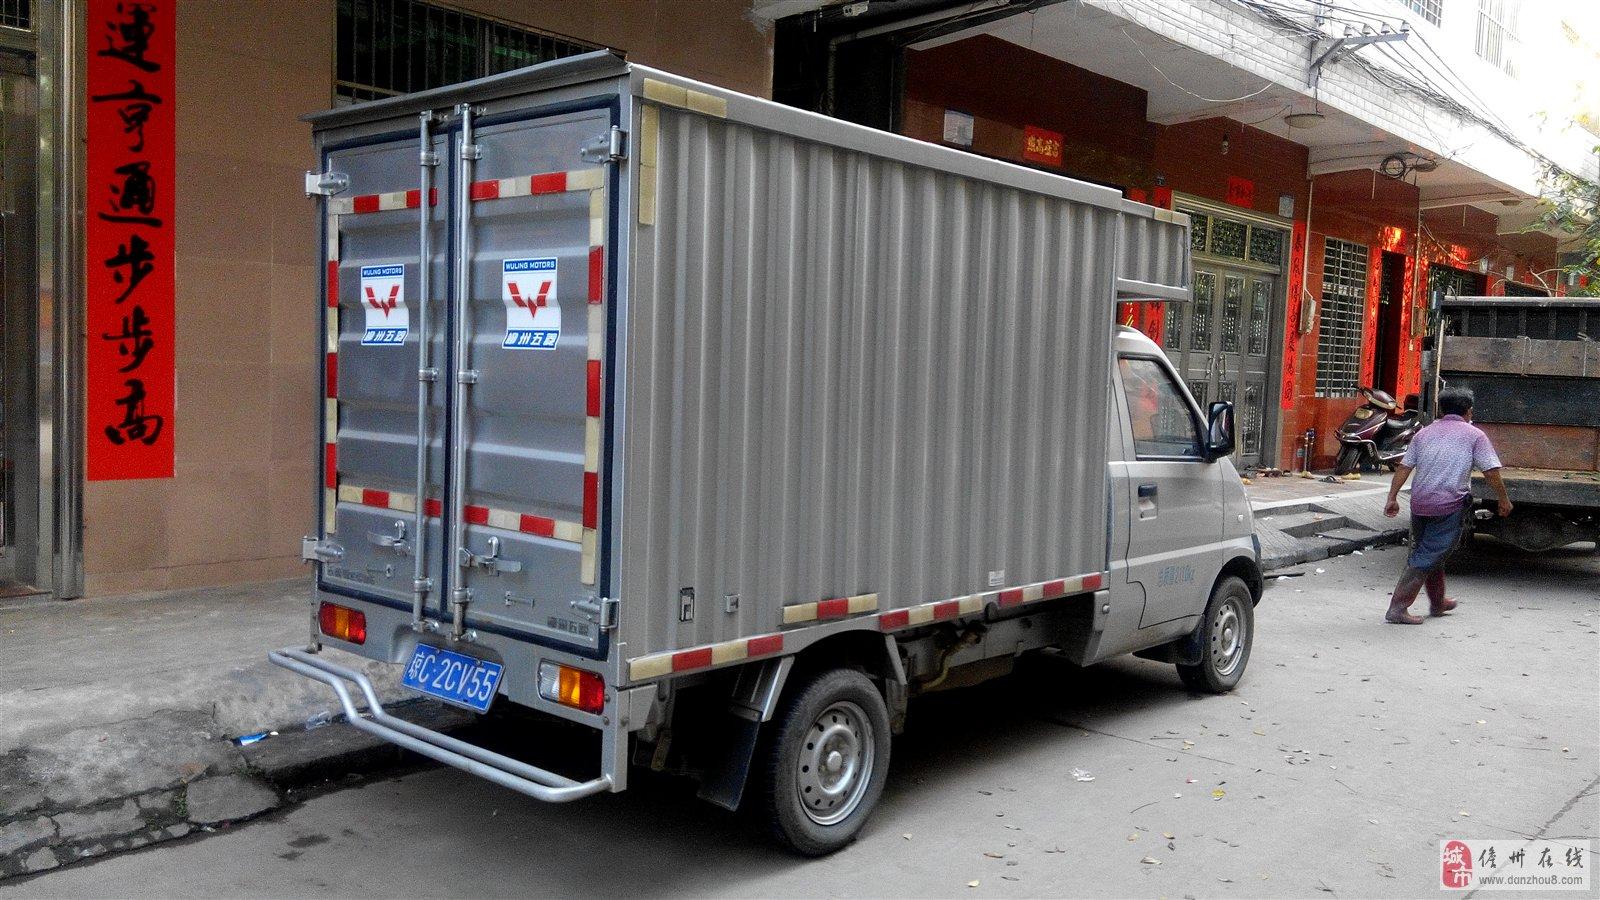 出售五菱荣光小卡厢式货车